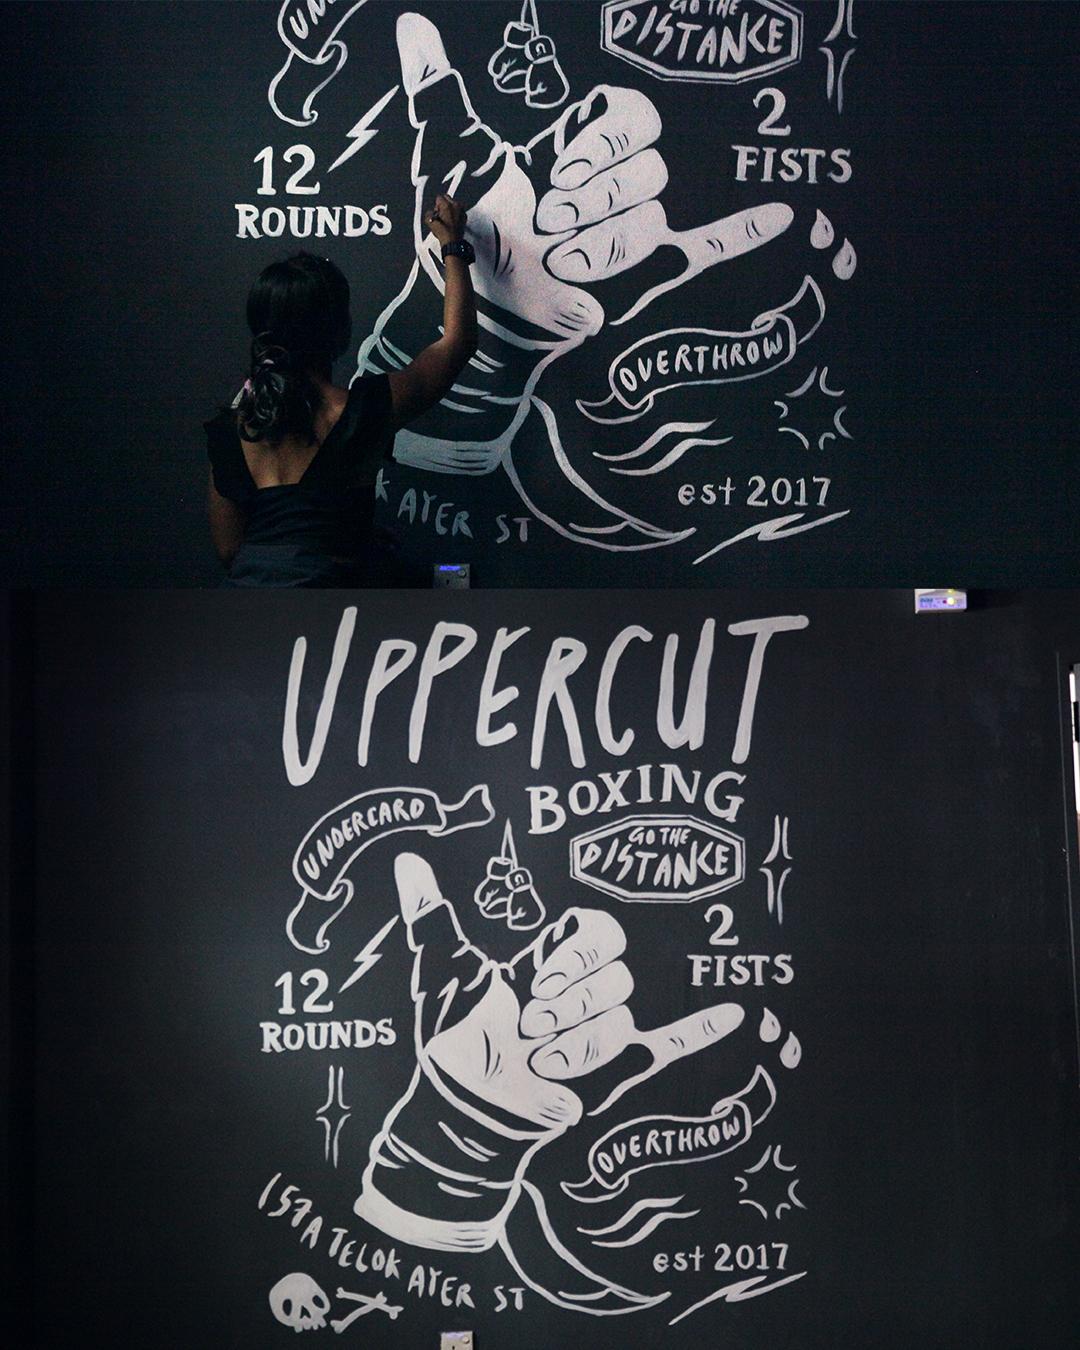 For Uppercut Boxing